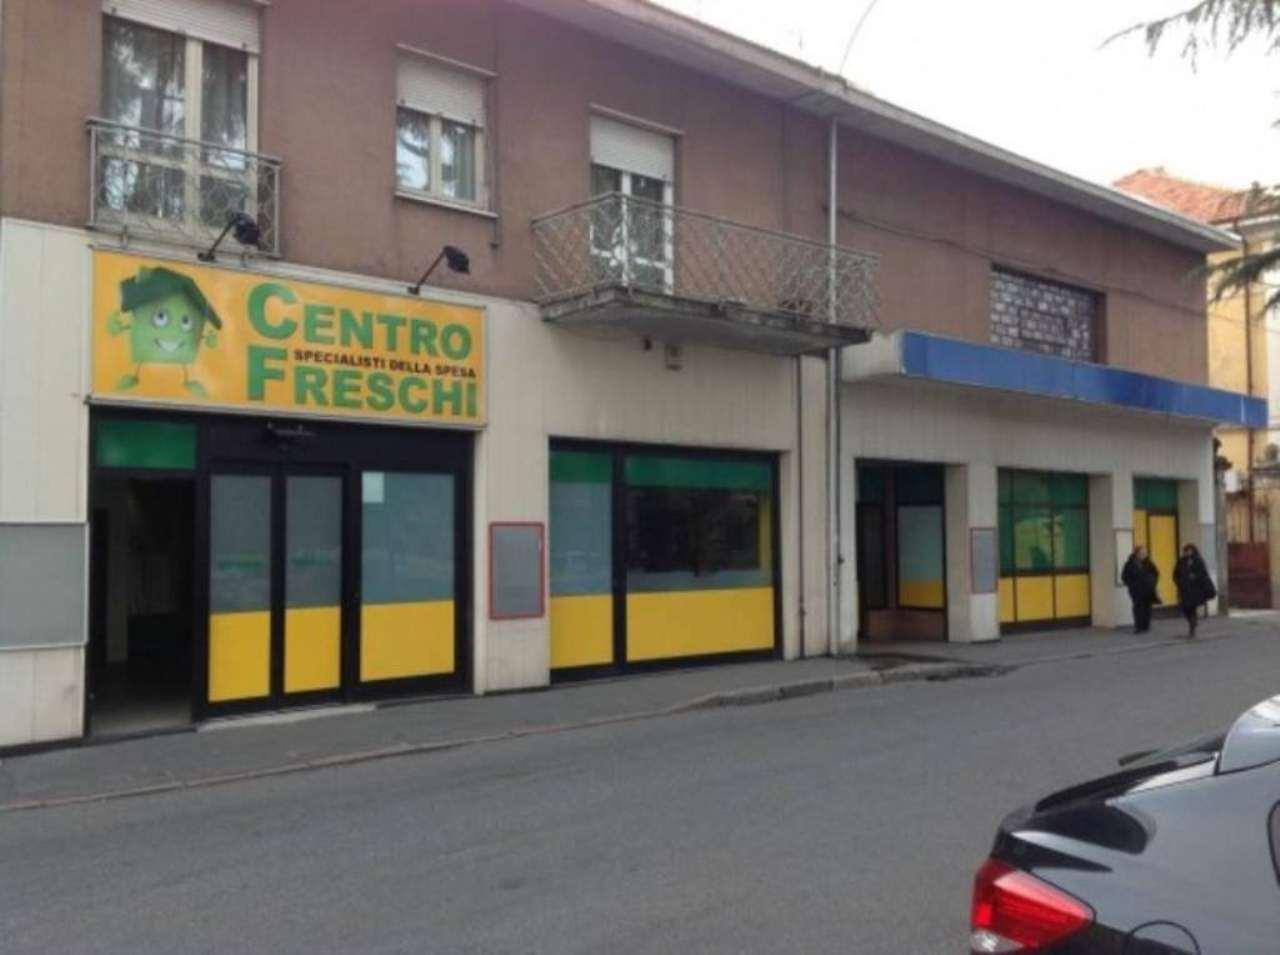 Negozio / Locale in affitto a Cerro Maggiore, 6 locali, prezzo € 50.000 | Cambio Casa.it